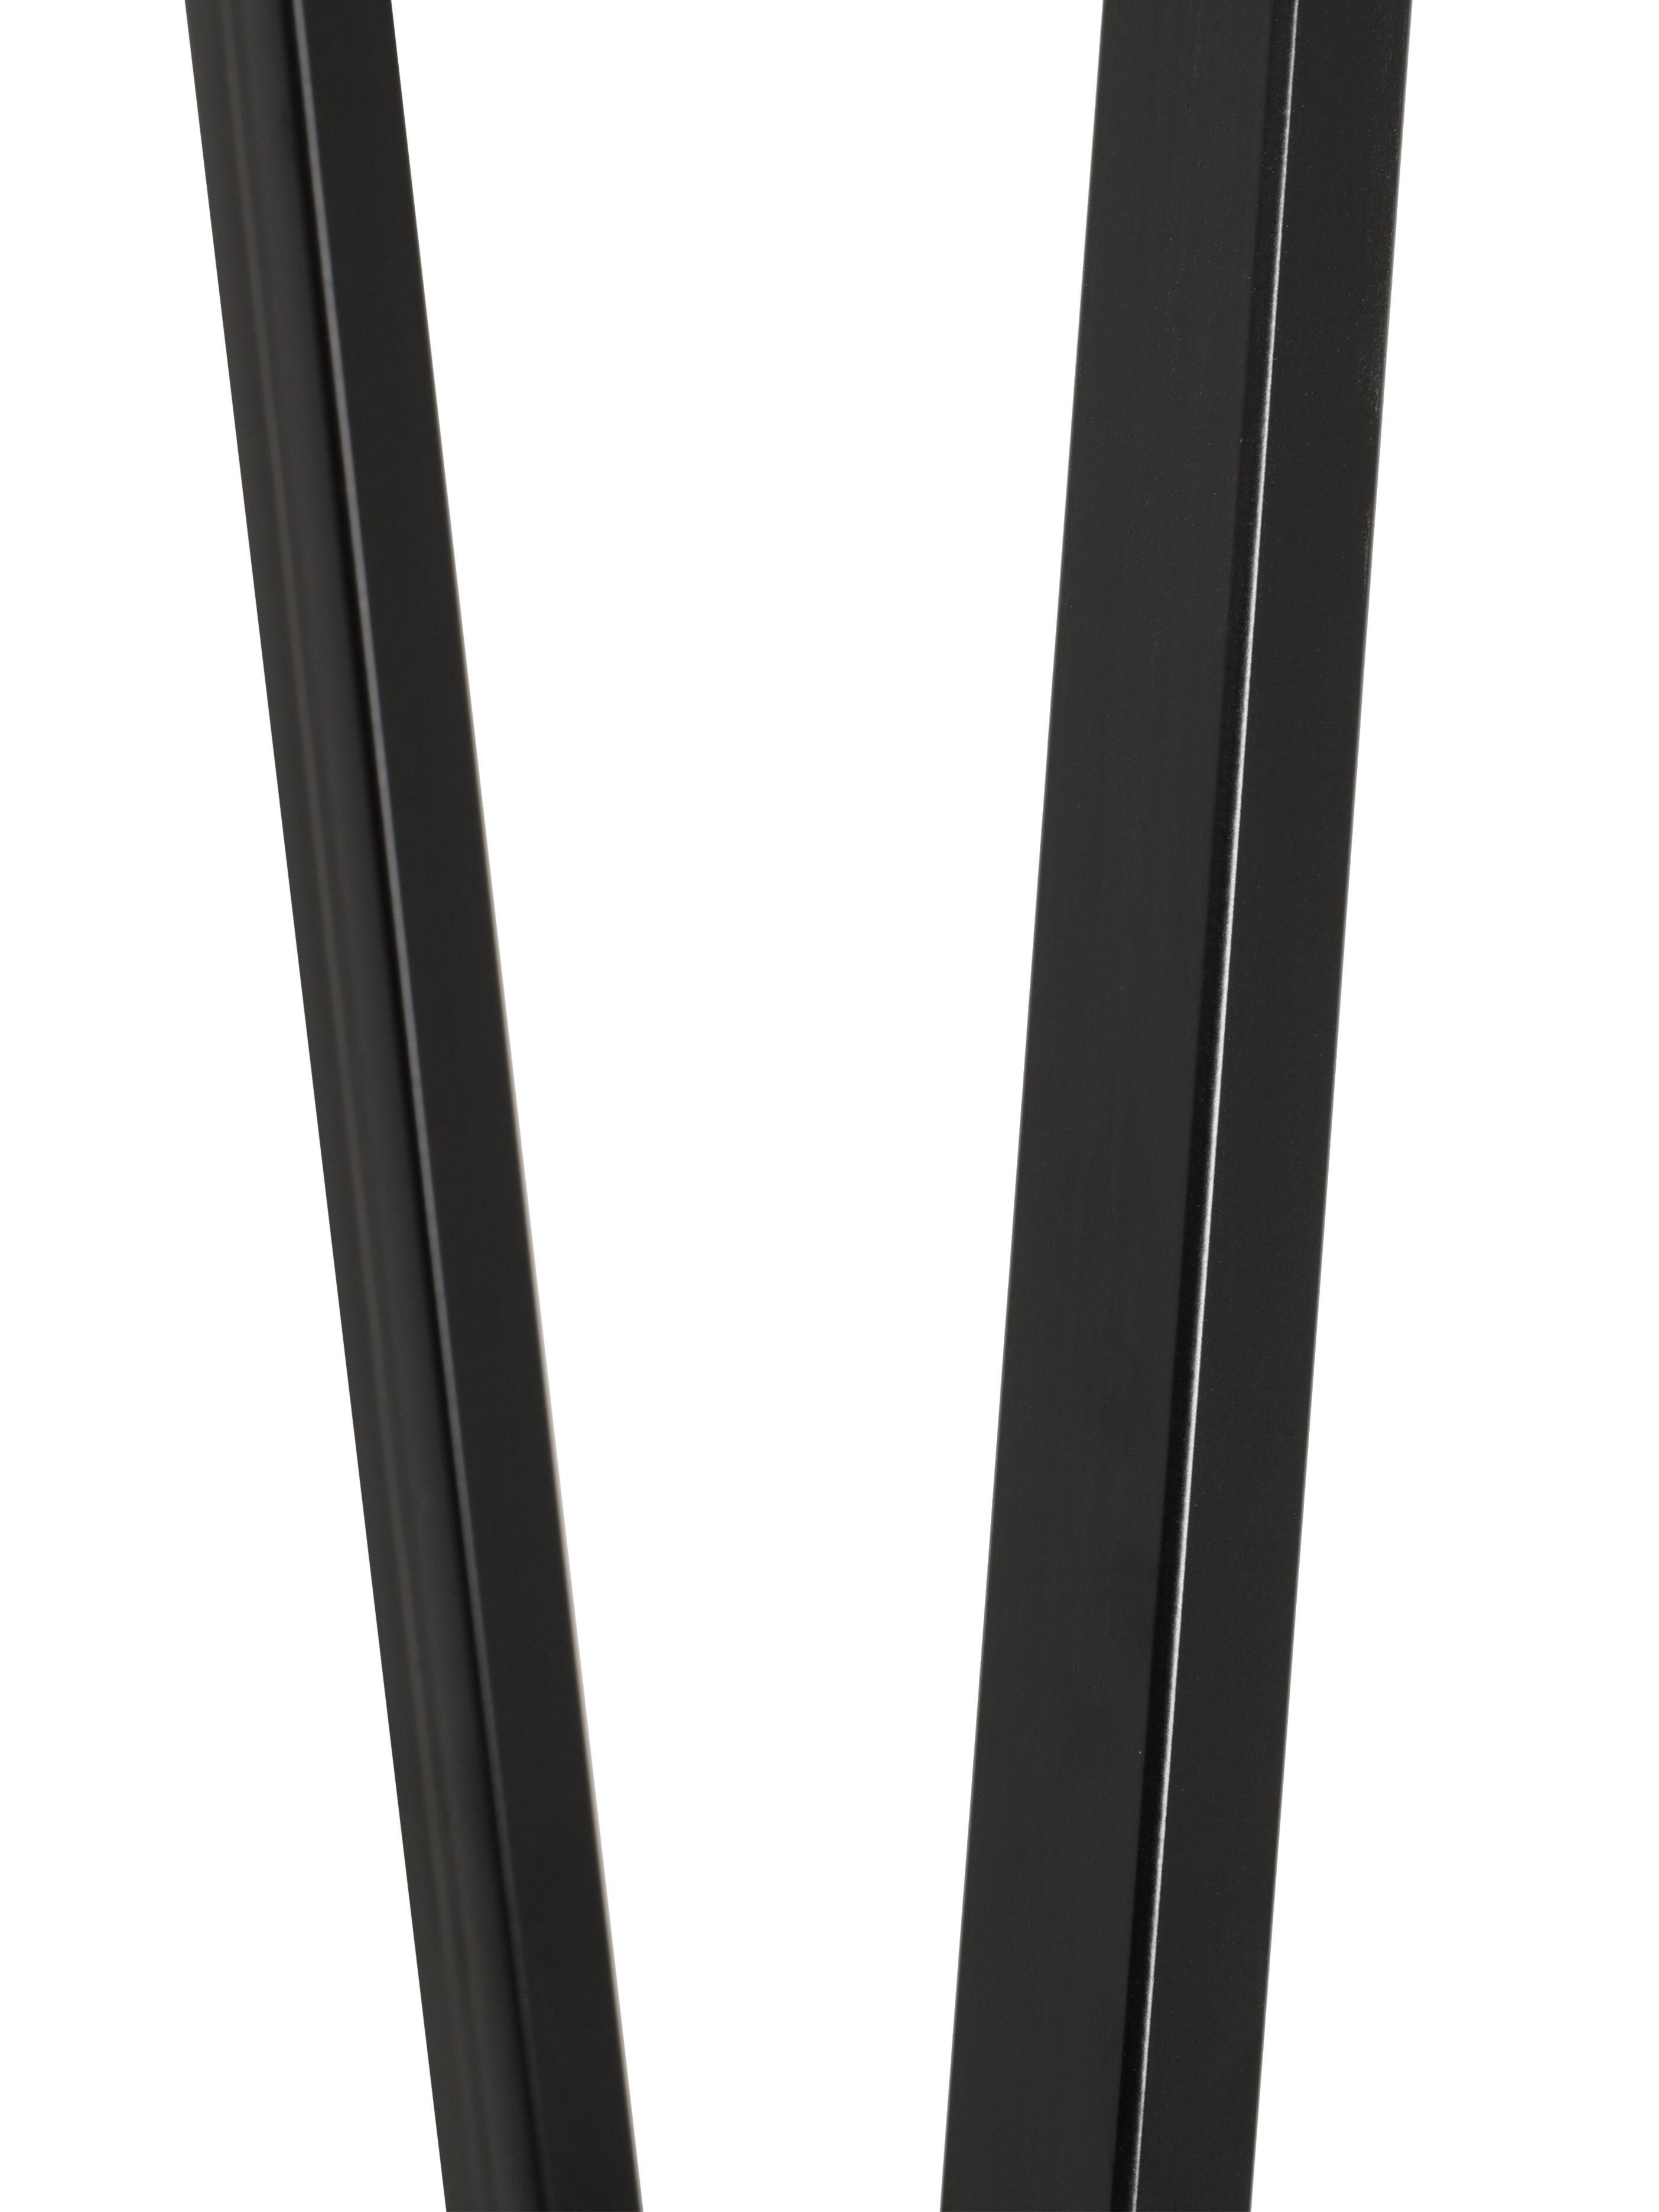 Metall-Kleiderstange Kaya in Schwarz, Metall, lackiert, Schwarz, 50 x 173 cm